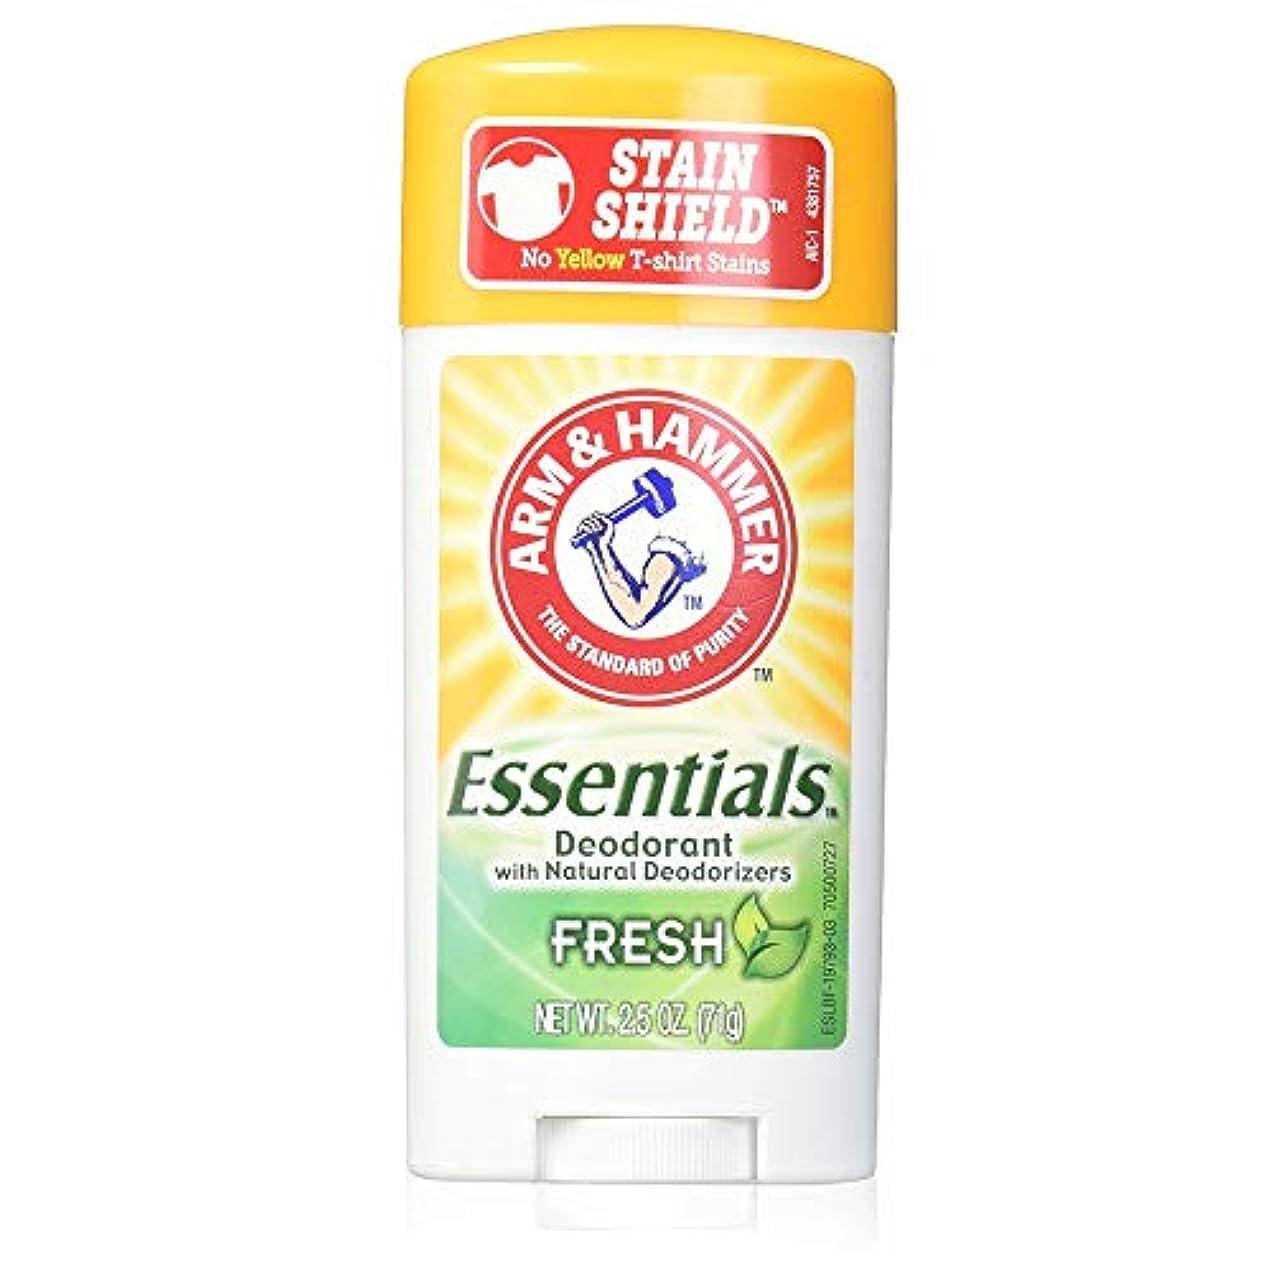 顧問首謀者宿るアーム&ハマー デオドラント【フレッシュ】制汗剤【お風呂上がりの香り】Arm & Hammer Essentials Natural Deodorant Fresh 71?[並行輸入品]